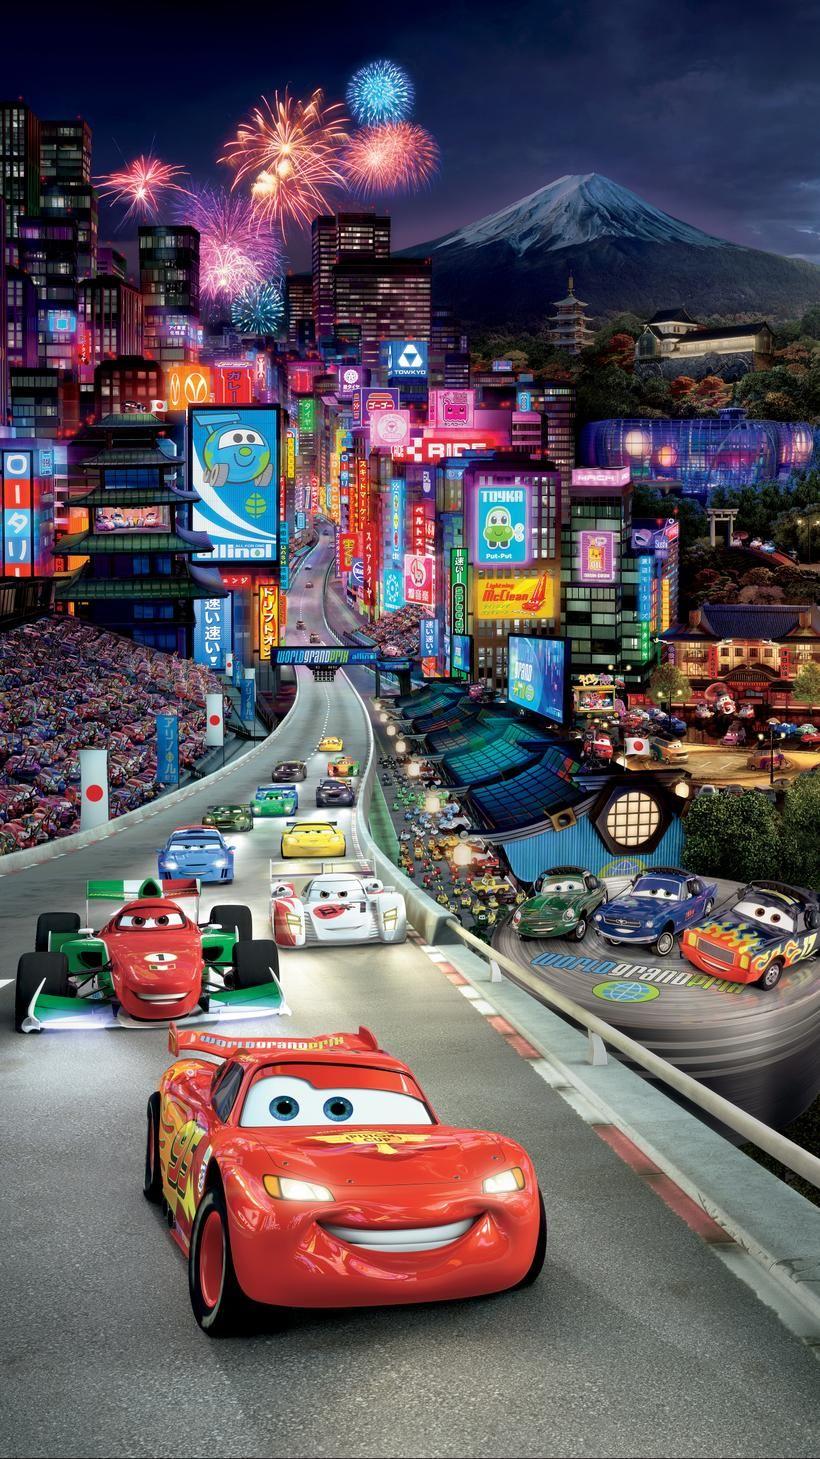 Cars 3 2017 Phone Wallpaper Cars Movie Car Wallpapers Pixar Cars